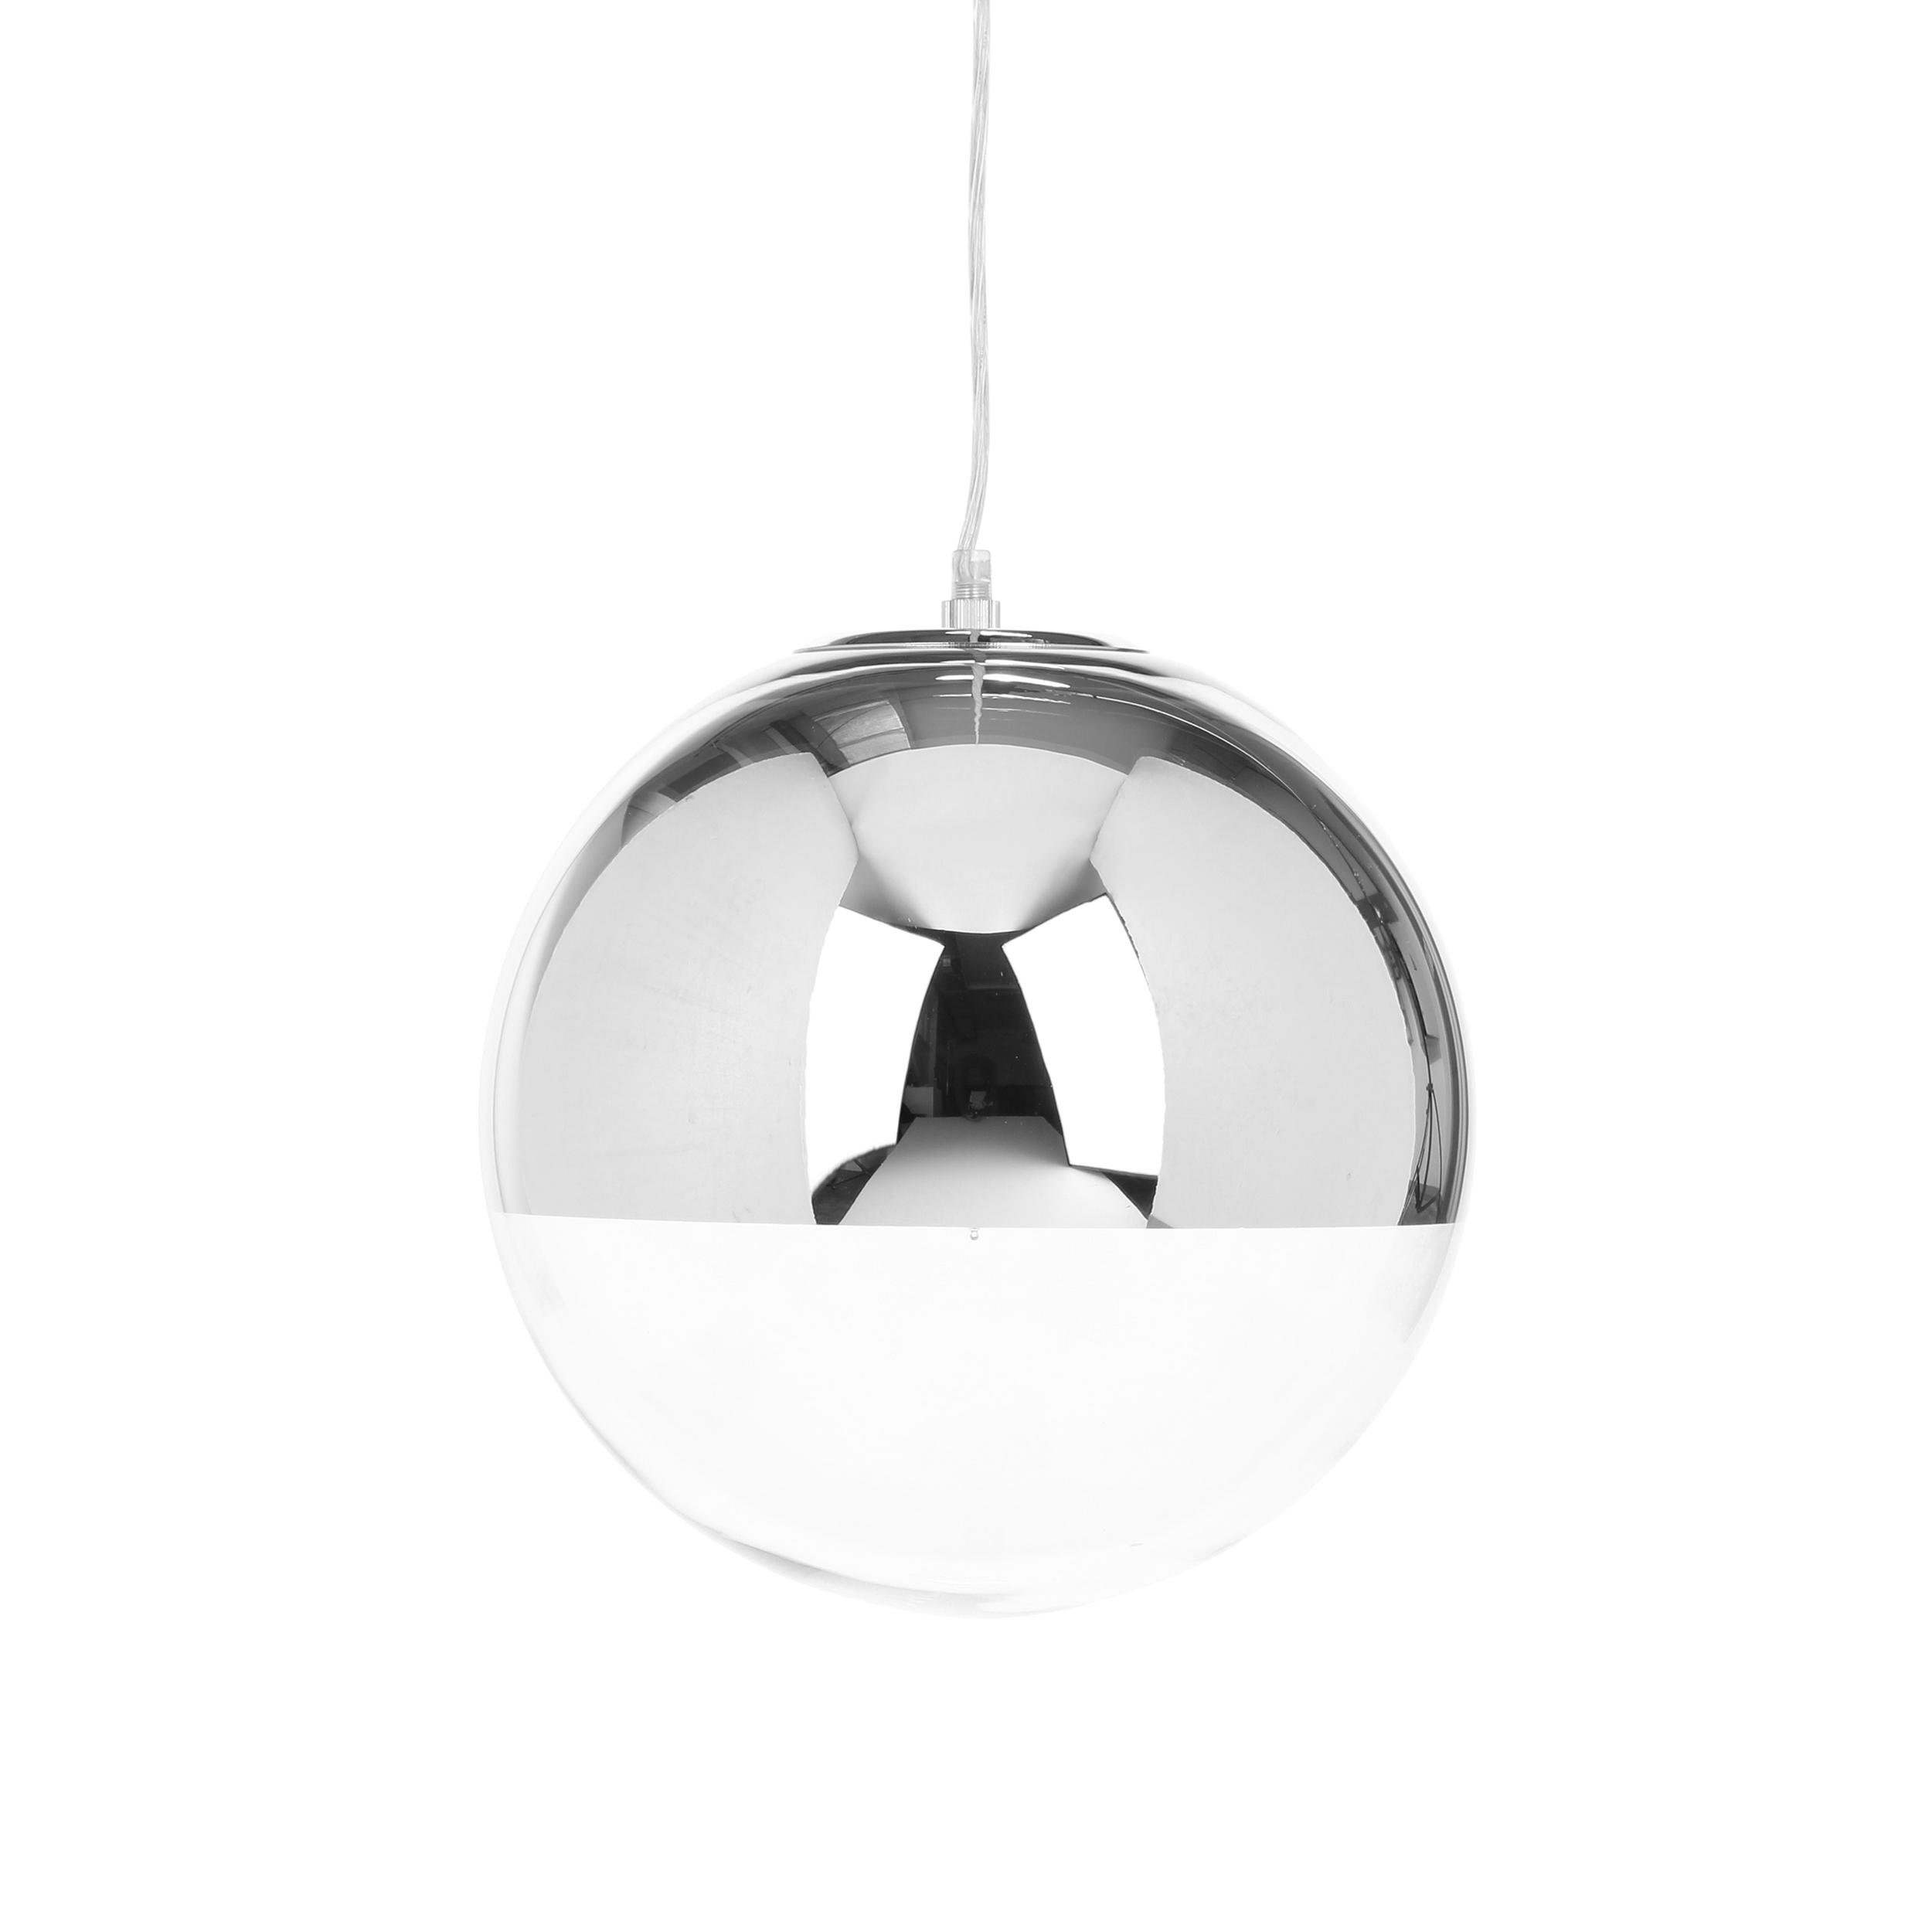 Подвесной светильник Mirror Ball диаметр 30Подвесные<br>Оригинальный и стильный — таким создали подвесной светильник Mirror Ball диаметр 30<br>ведущие дизайнеры западных направлений. Светильник представляет собой небольшую сферу, наполовину прозрачную, наполовину хромированную, за счет чего достигается некий эффект сконцентрированного освещения. Кроме того, поверхность светильника обладает зеркальными свойствами.<br><br><br><br><br> Абажур подвесного светильника Mirror Ball диаметр 30 сделан из прозрачного стекла и из прочной стали. Такое сочетание прид...<br><br>stock: 13<br>Высота: 30<br>Диаметр: 30<br>Количество ламп: 1<br>Материал абажура: Стекло<br>Материал арматуры: Сталь<br>Мощность лампы: 40<br>Ламп в комплекте: Нет<br>Напряжение: 220<br>Тип лампы/цоколь: E27<br>Цвет абажура: Хром<br>Цвет арматуры: Хром